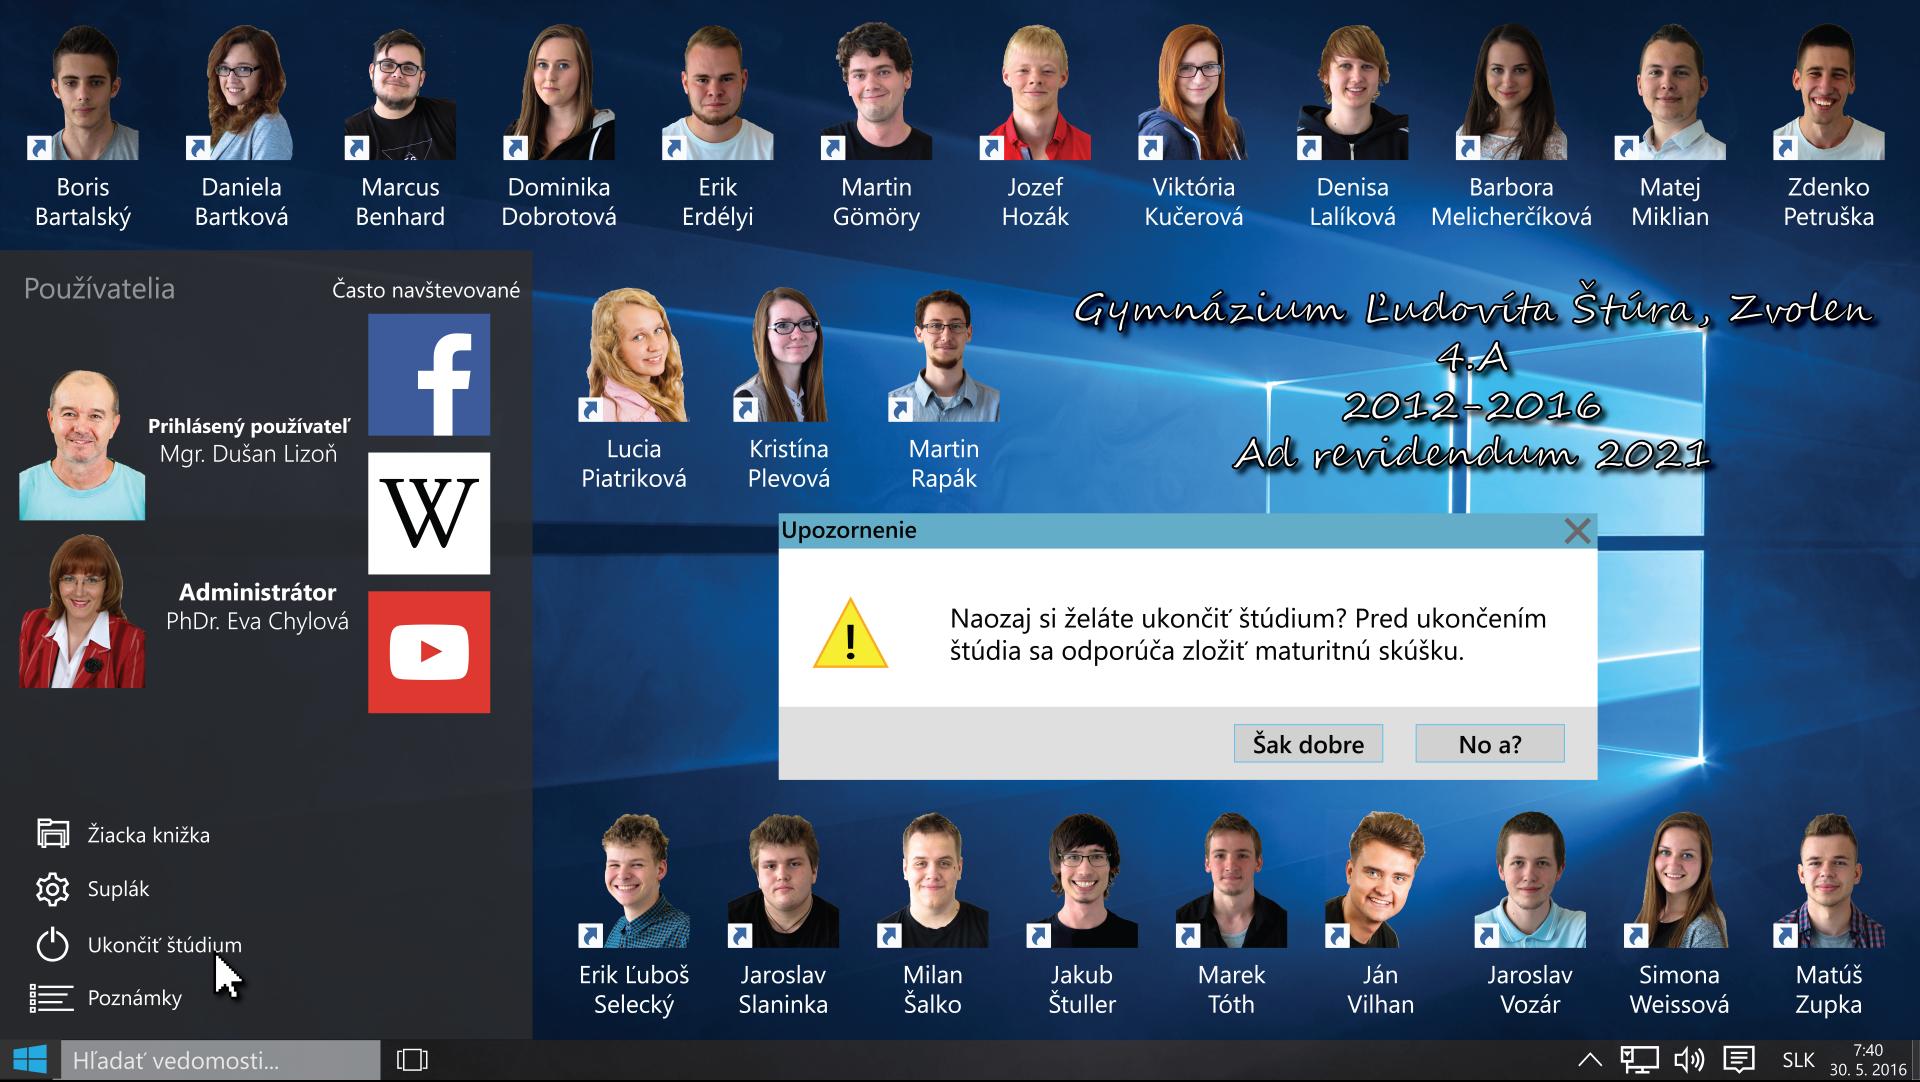 Windows 10 School Tableau by jerry411